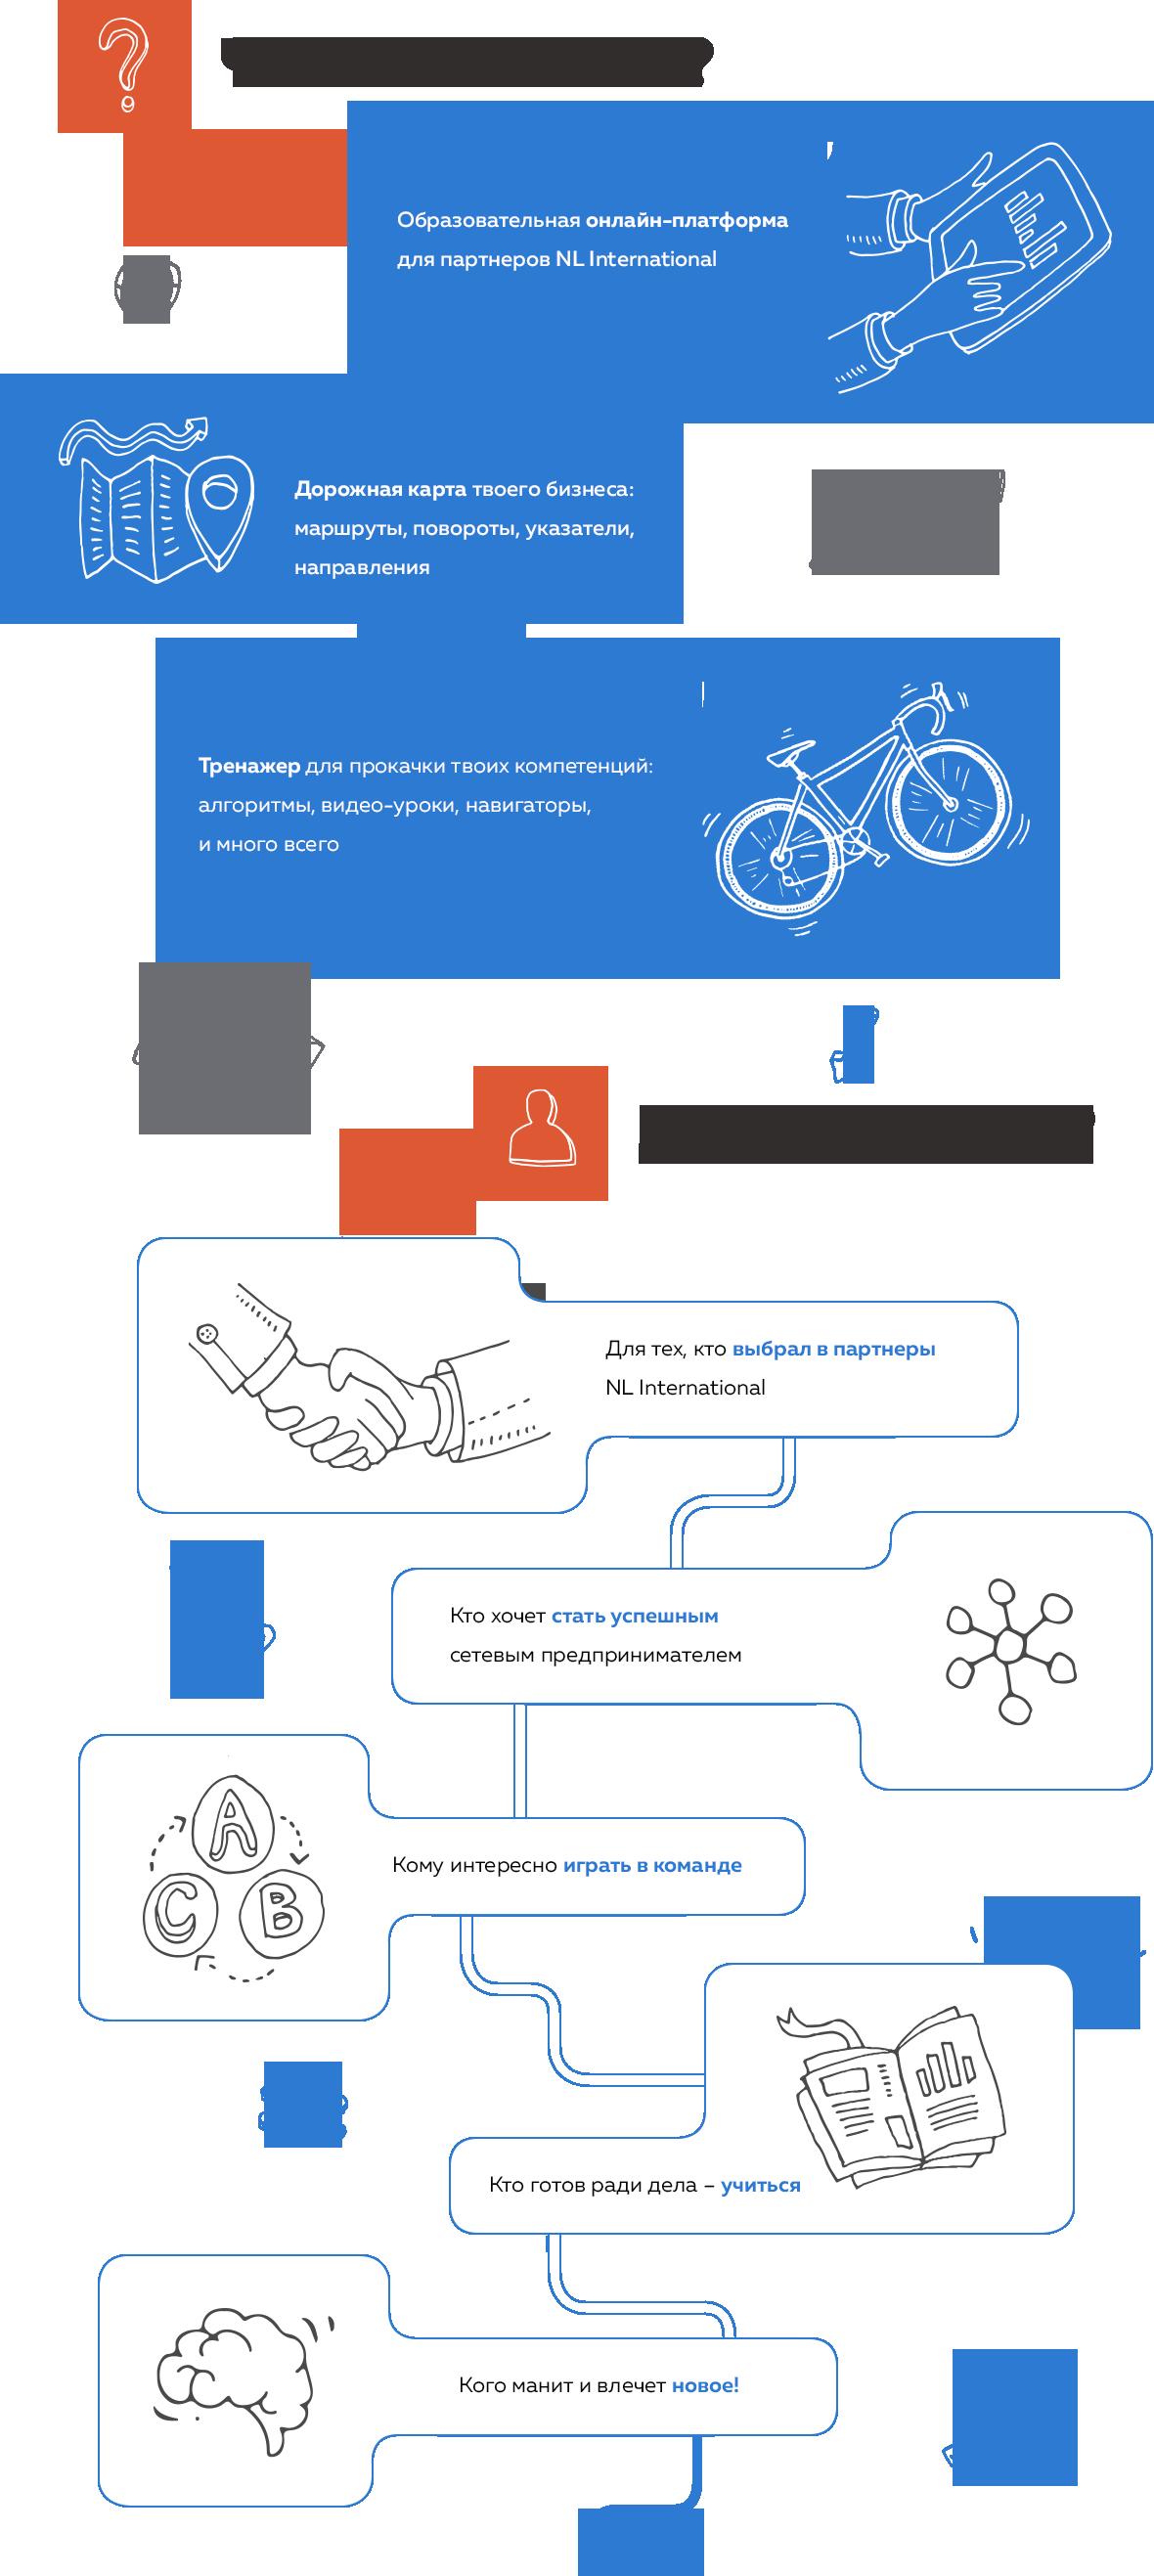 Что такое и для кого NBS?